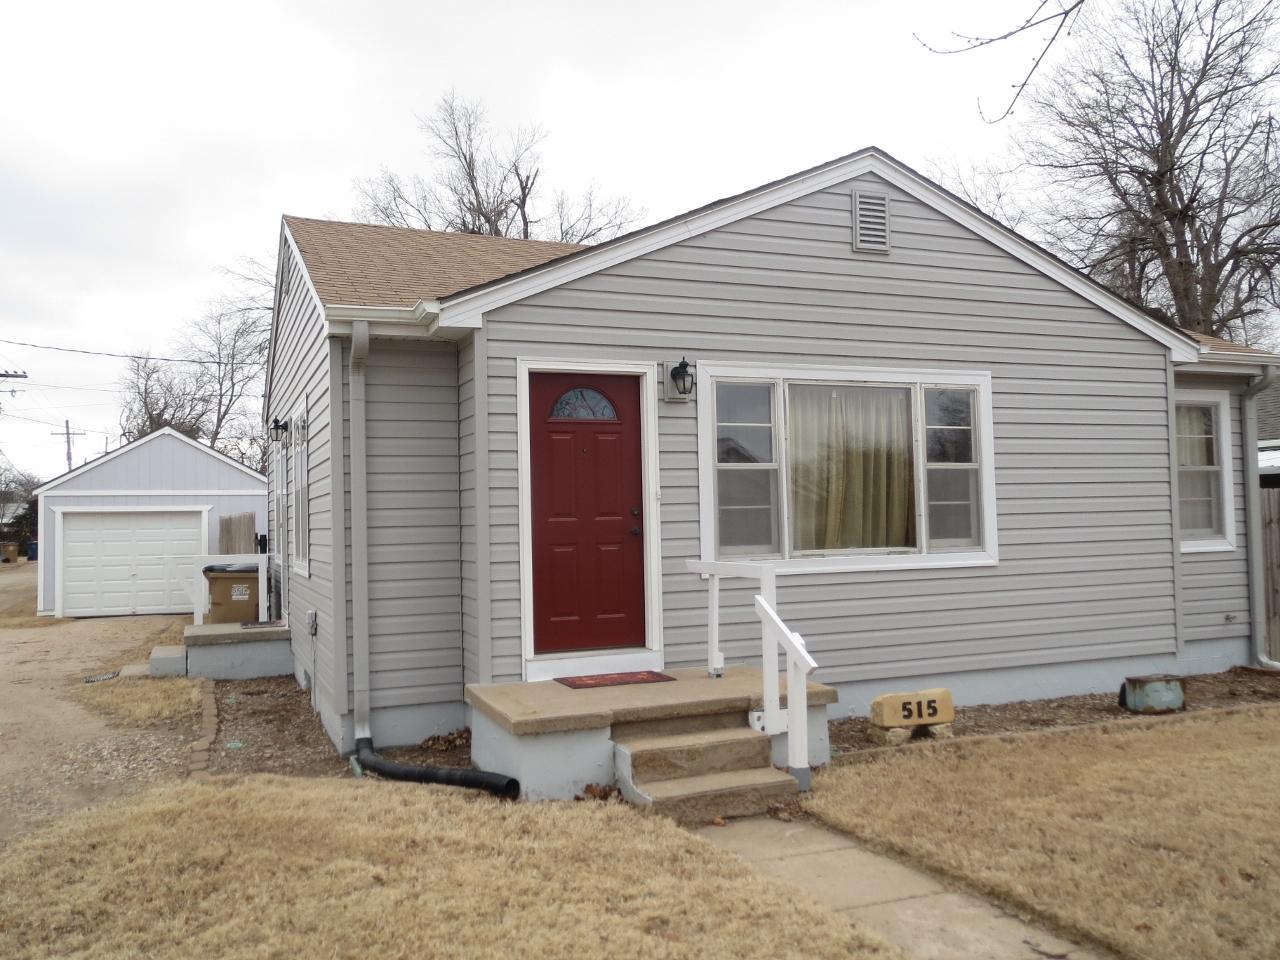 515 W 18th Ave, Hutchinson, Kansas 67502